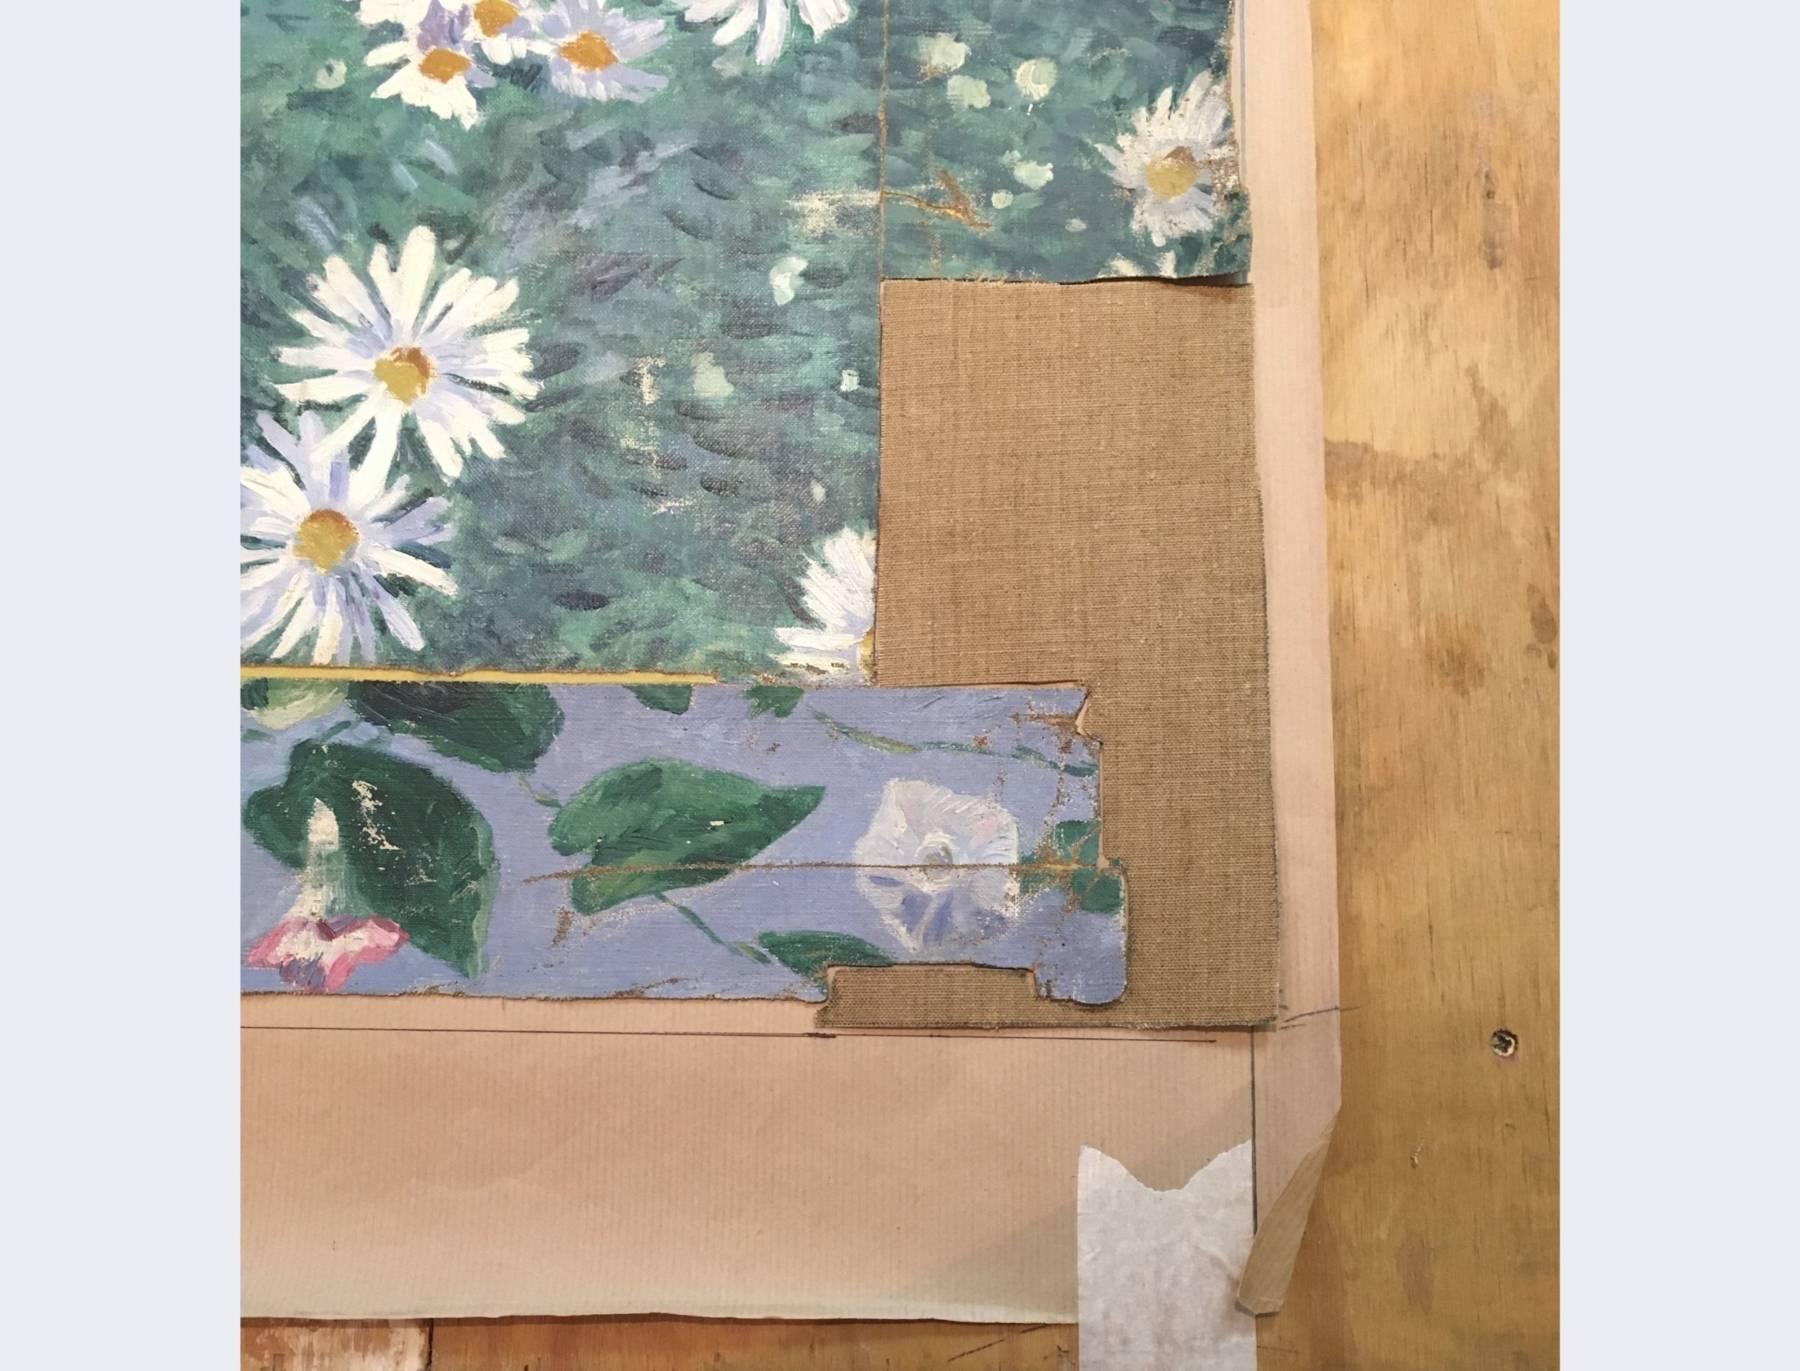 Parterre de marguerites de Gustave Caillebotte, en cours de restauration